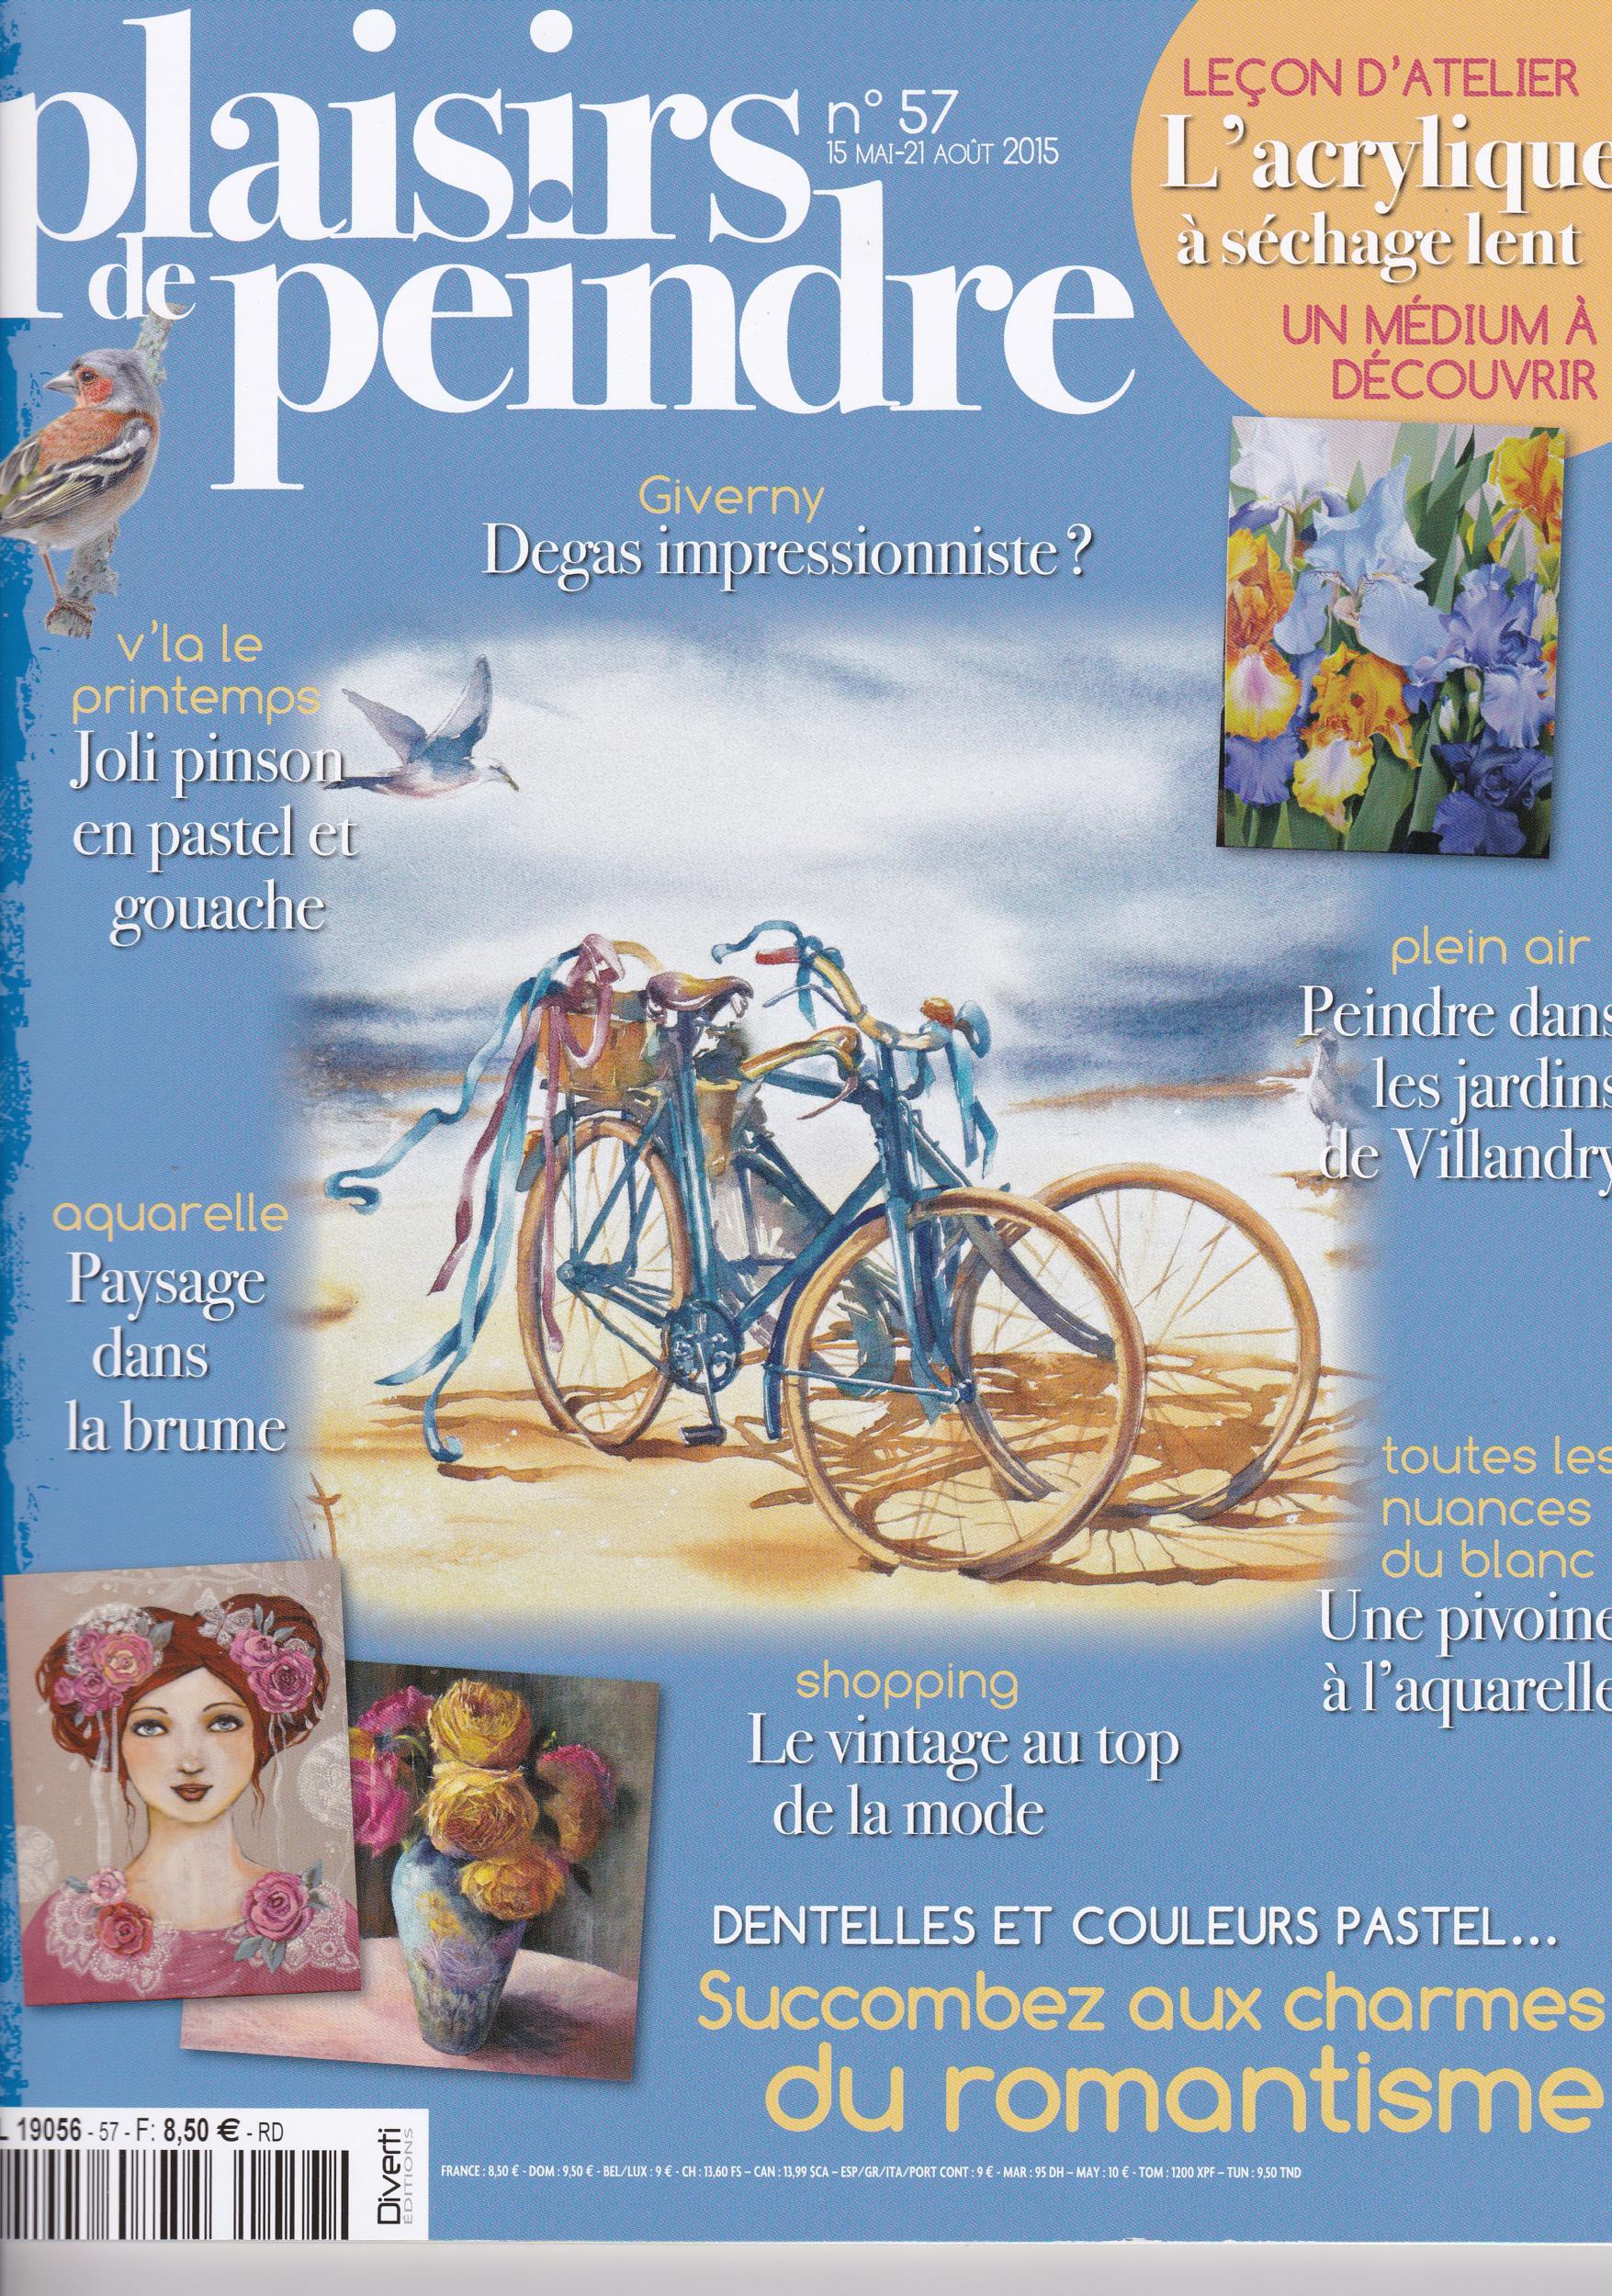 Plaisirs-de-peindre-L19056-57